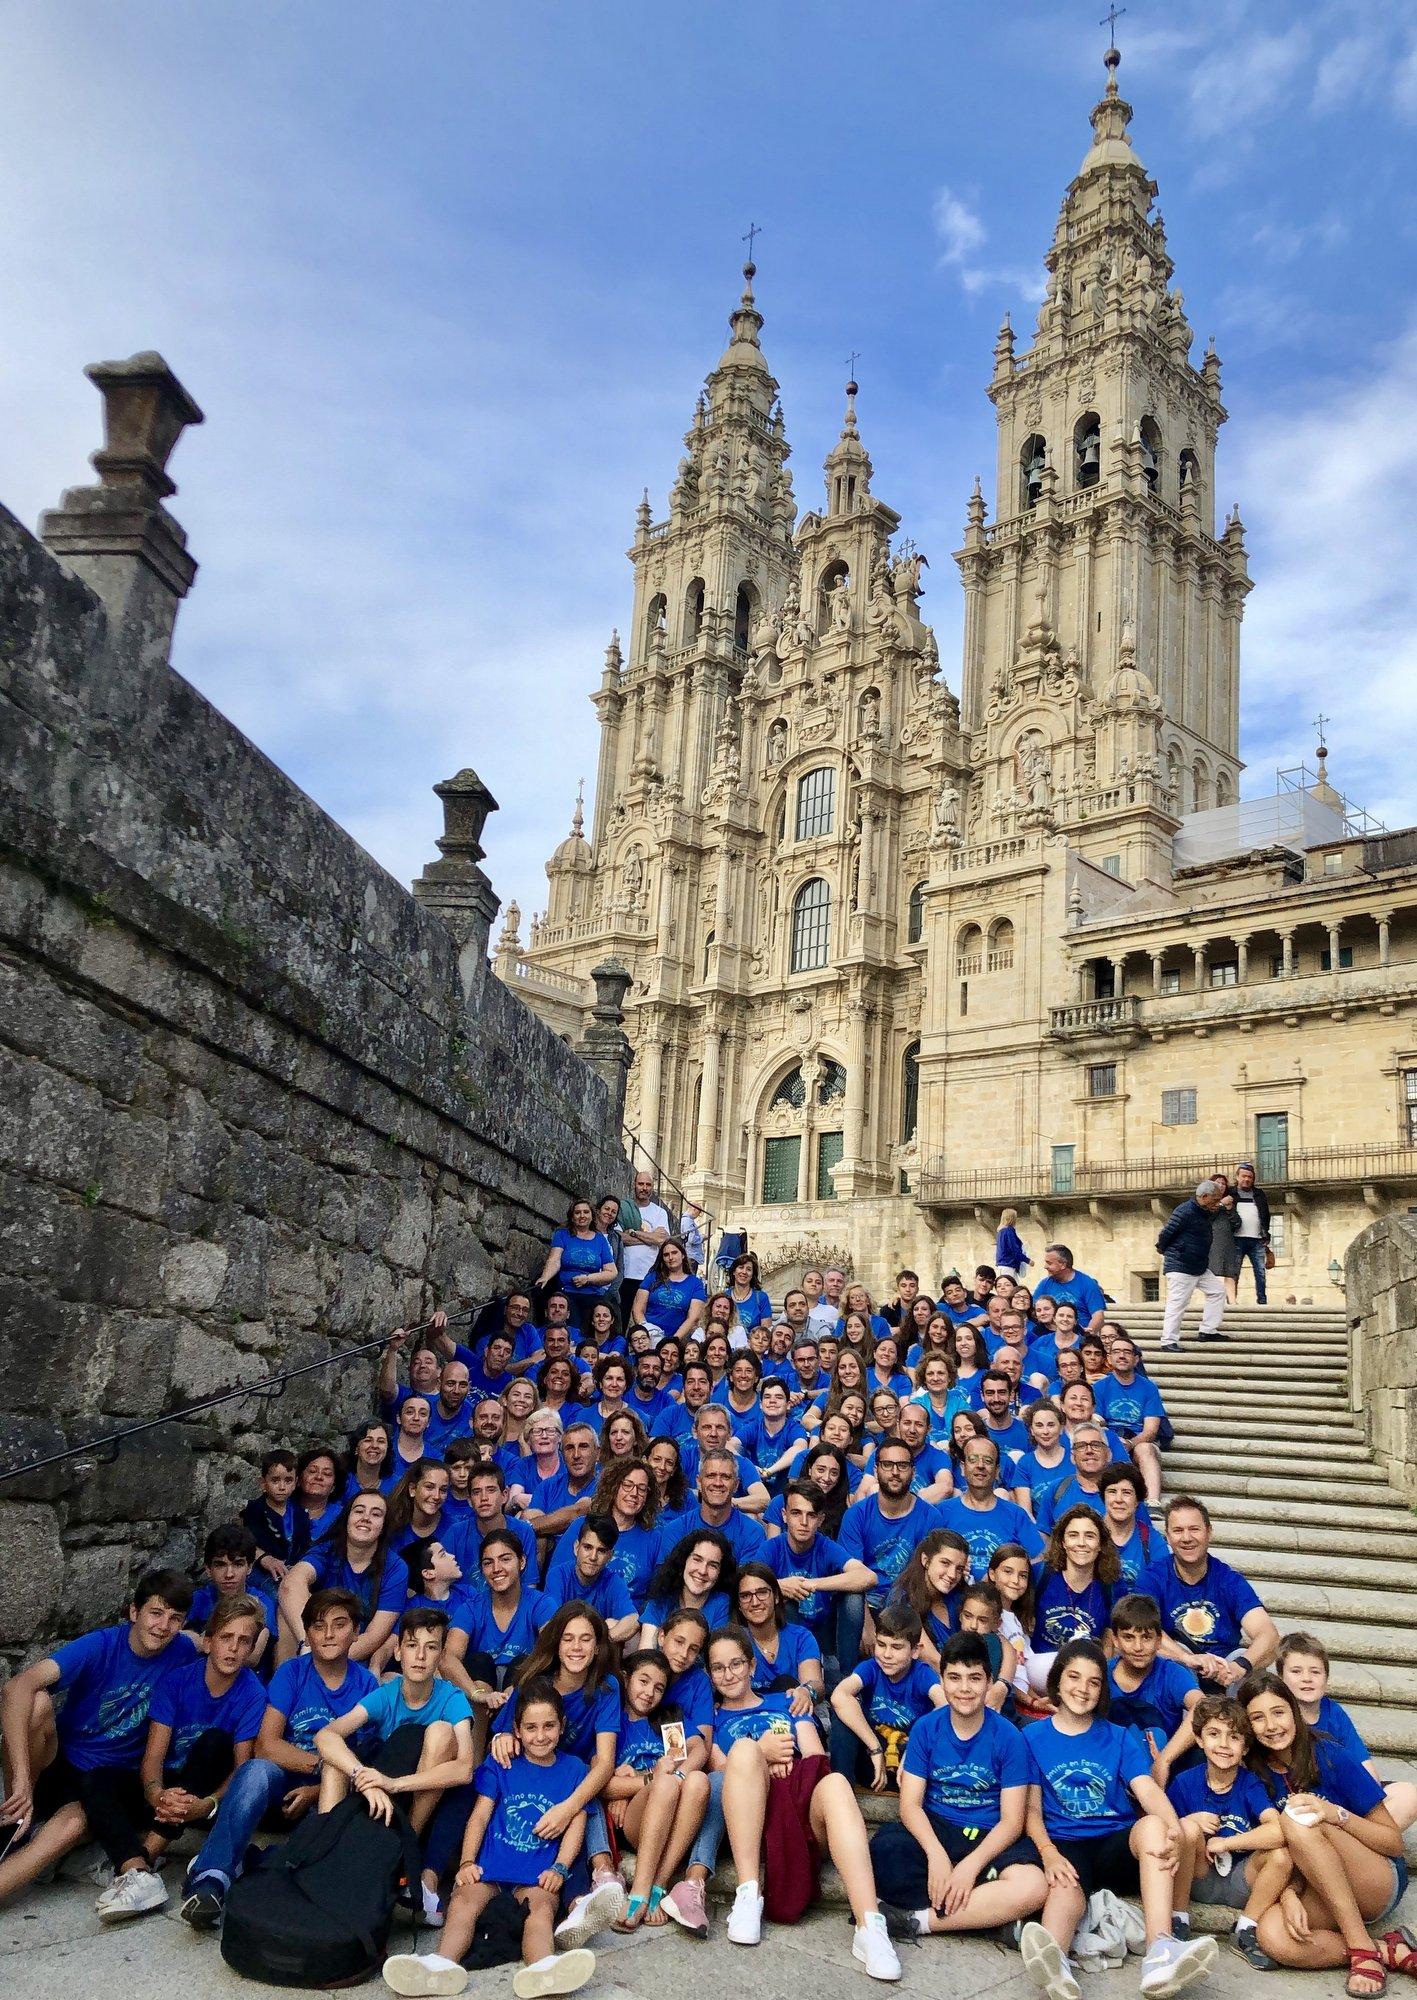 Álbumes de fotos del Camino de Santiago 2019